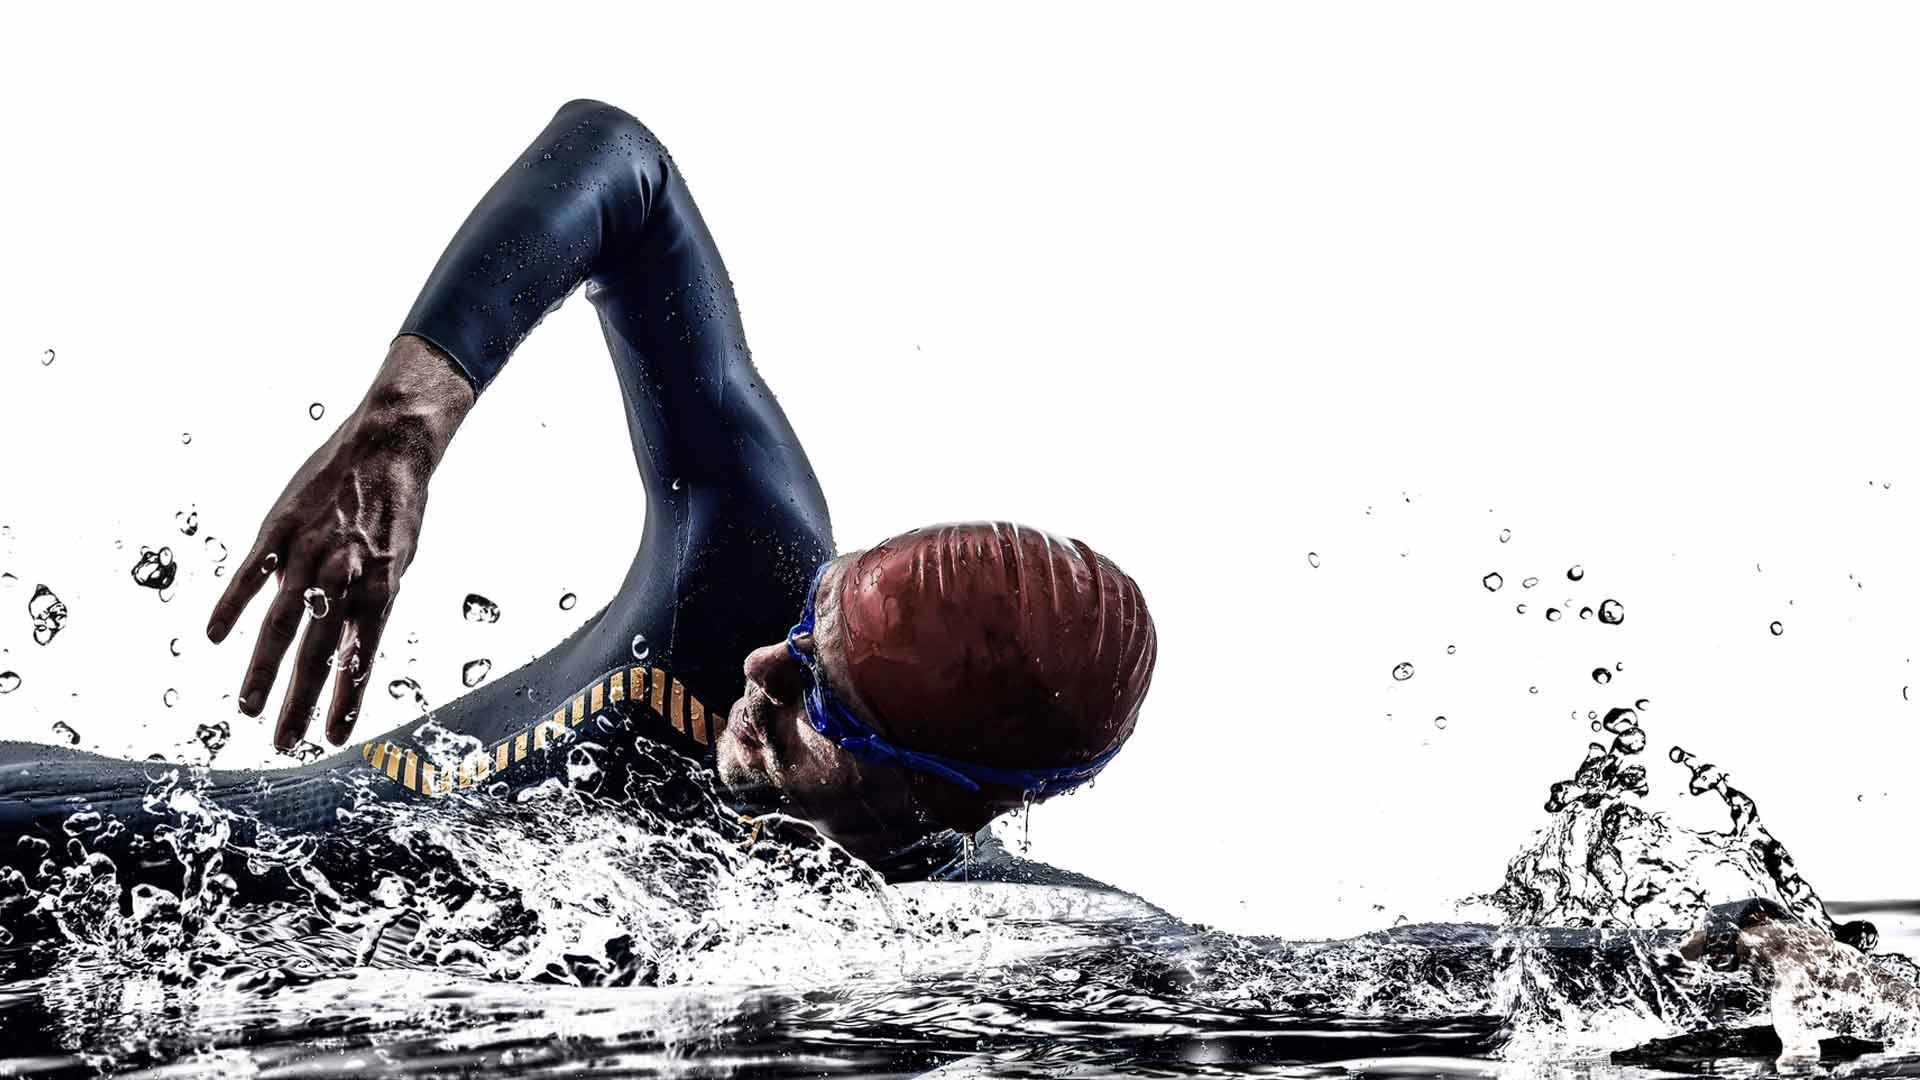 Διοργανώσεις Αγώνων Τριάθλου, Κολύμβησης, Ποδηλασίας, Δρόμου μέσων και μεγάλων αποστάσεων και Υδατοσφαίρισης.